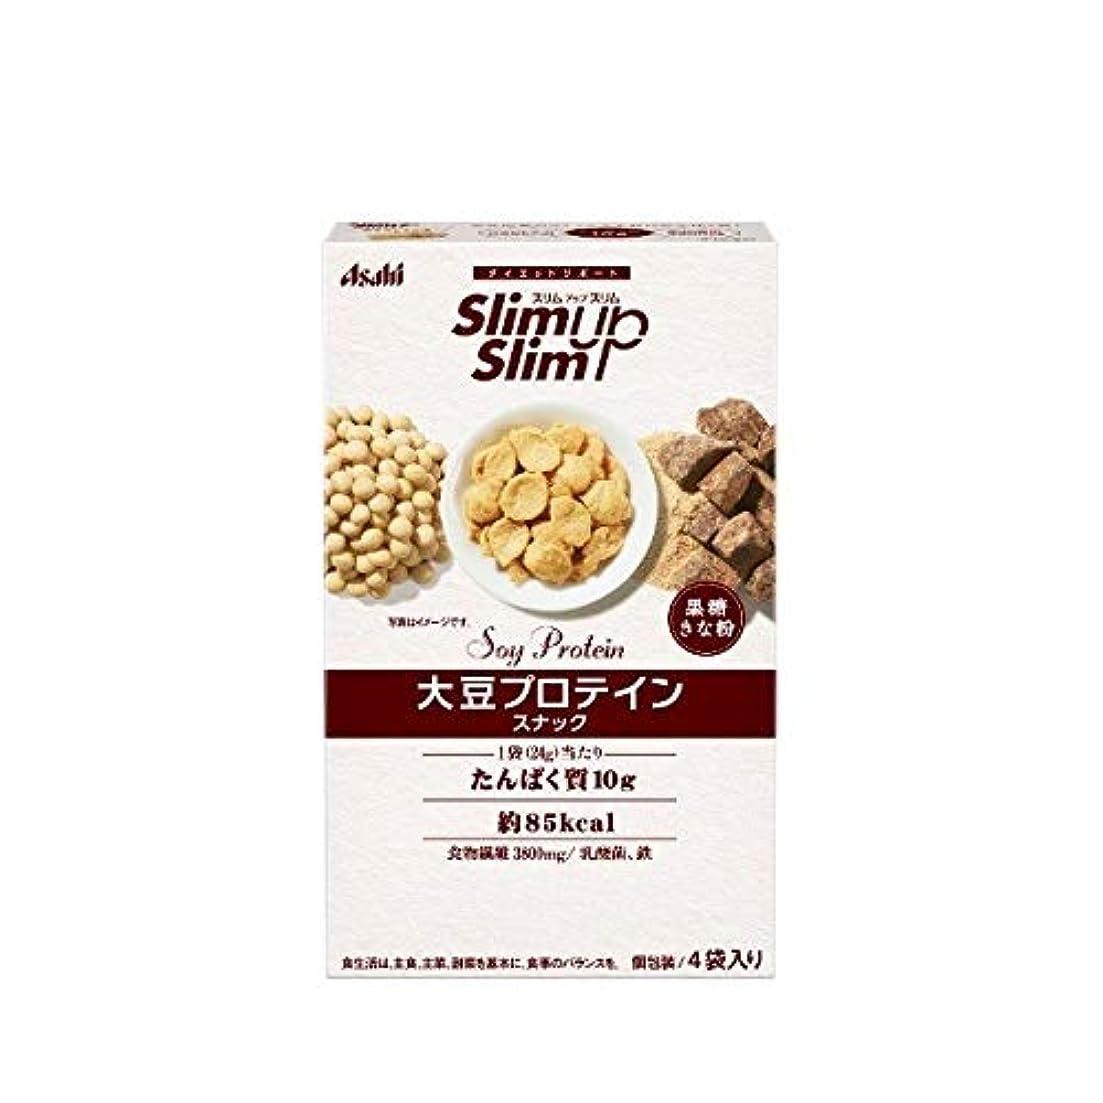 ひも韻バイパスアサヒグループ食品 スリムアップスリム 大豆プロテインスナック(黒糖きな粉) 96g(24g×4袋)